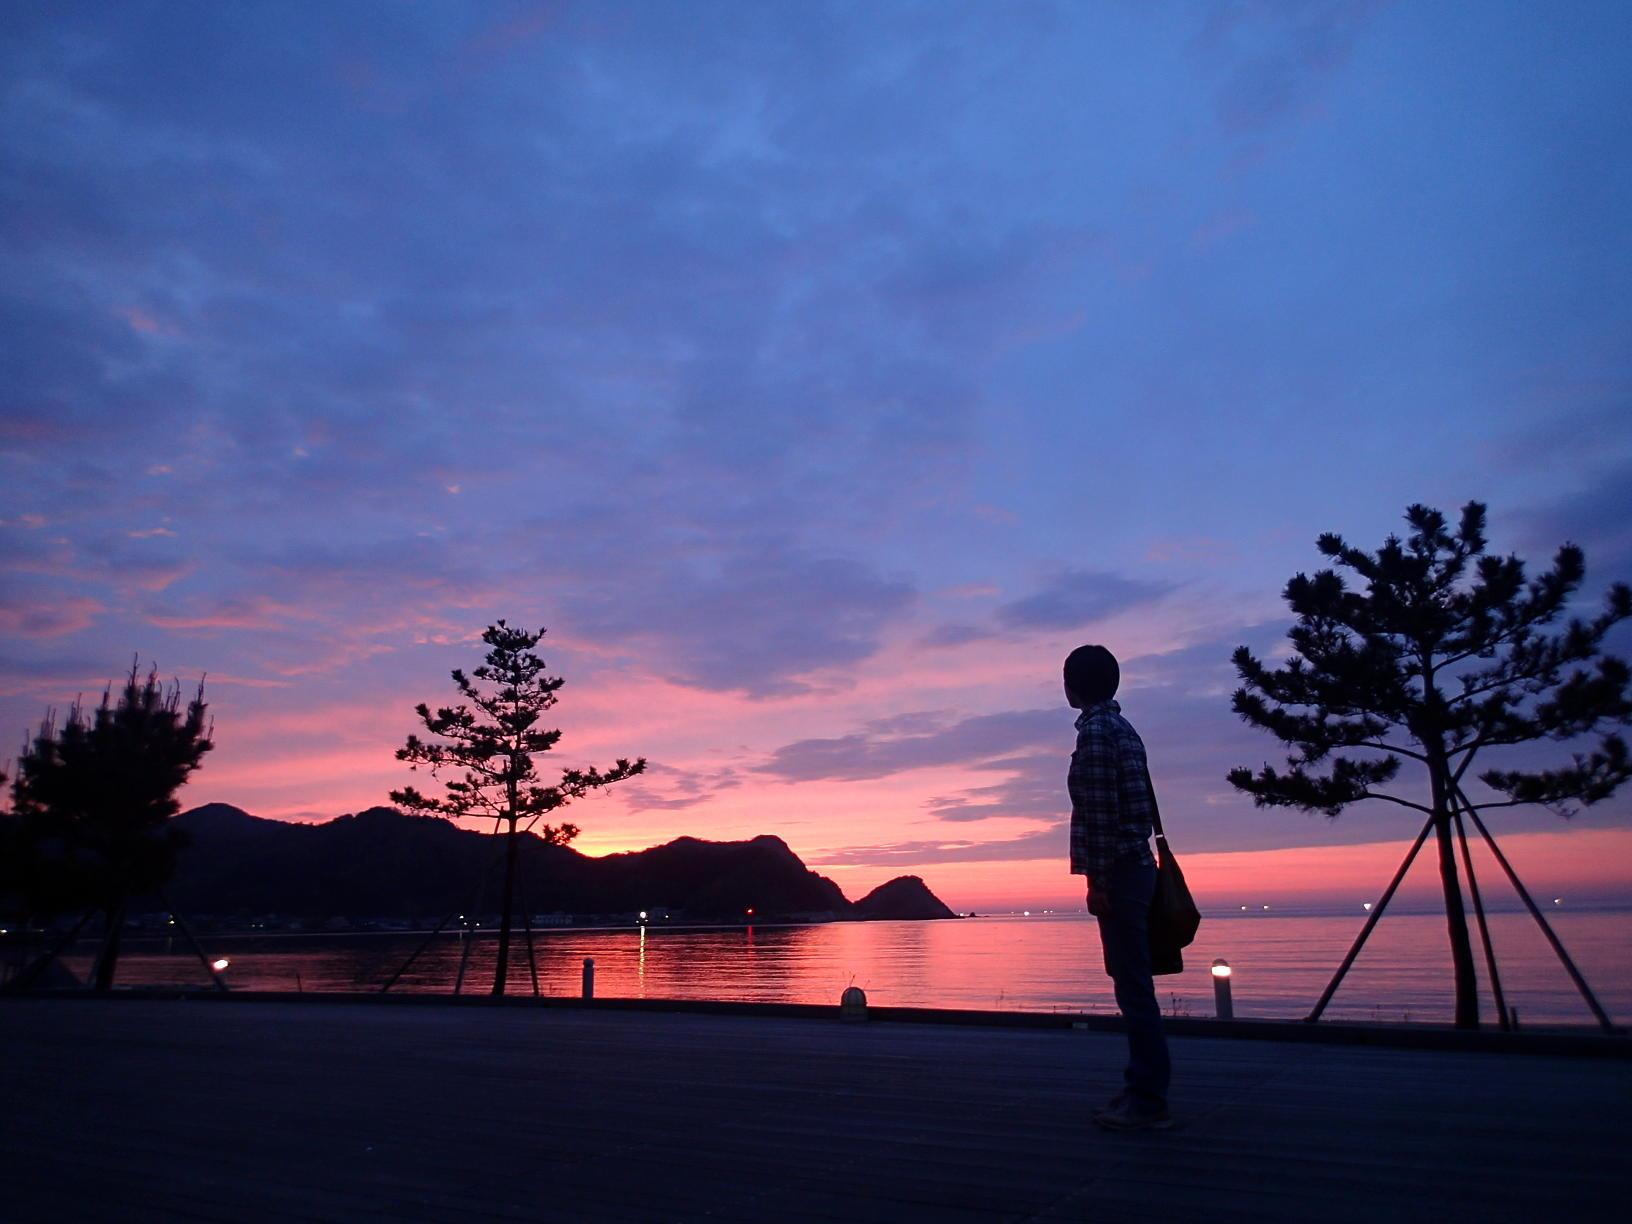 人気食堂「てんてん」紹介&香住海岸の絶景夕焼けツアー随時開催!